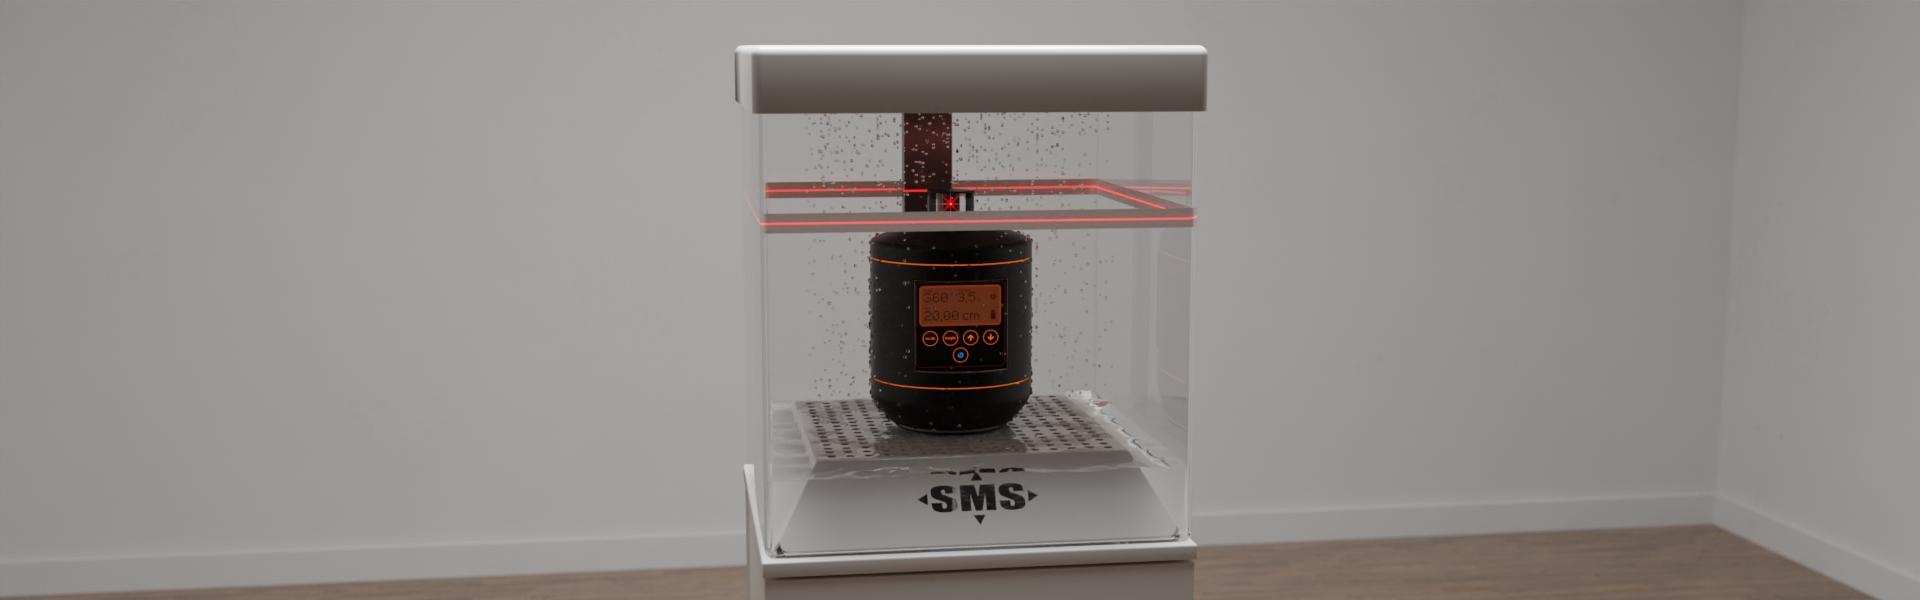 Sonderanfertigung eines funktionellen Displays für ein Laser-Meßgerät, Bild 2